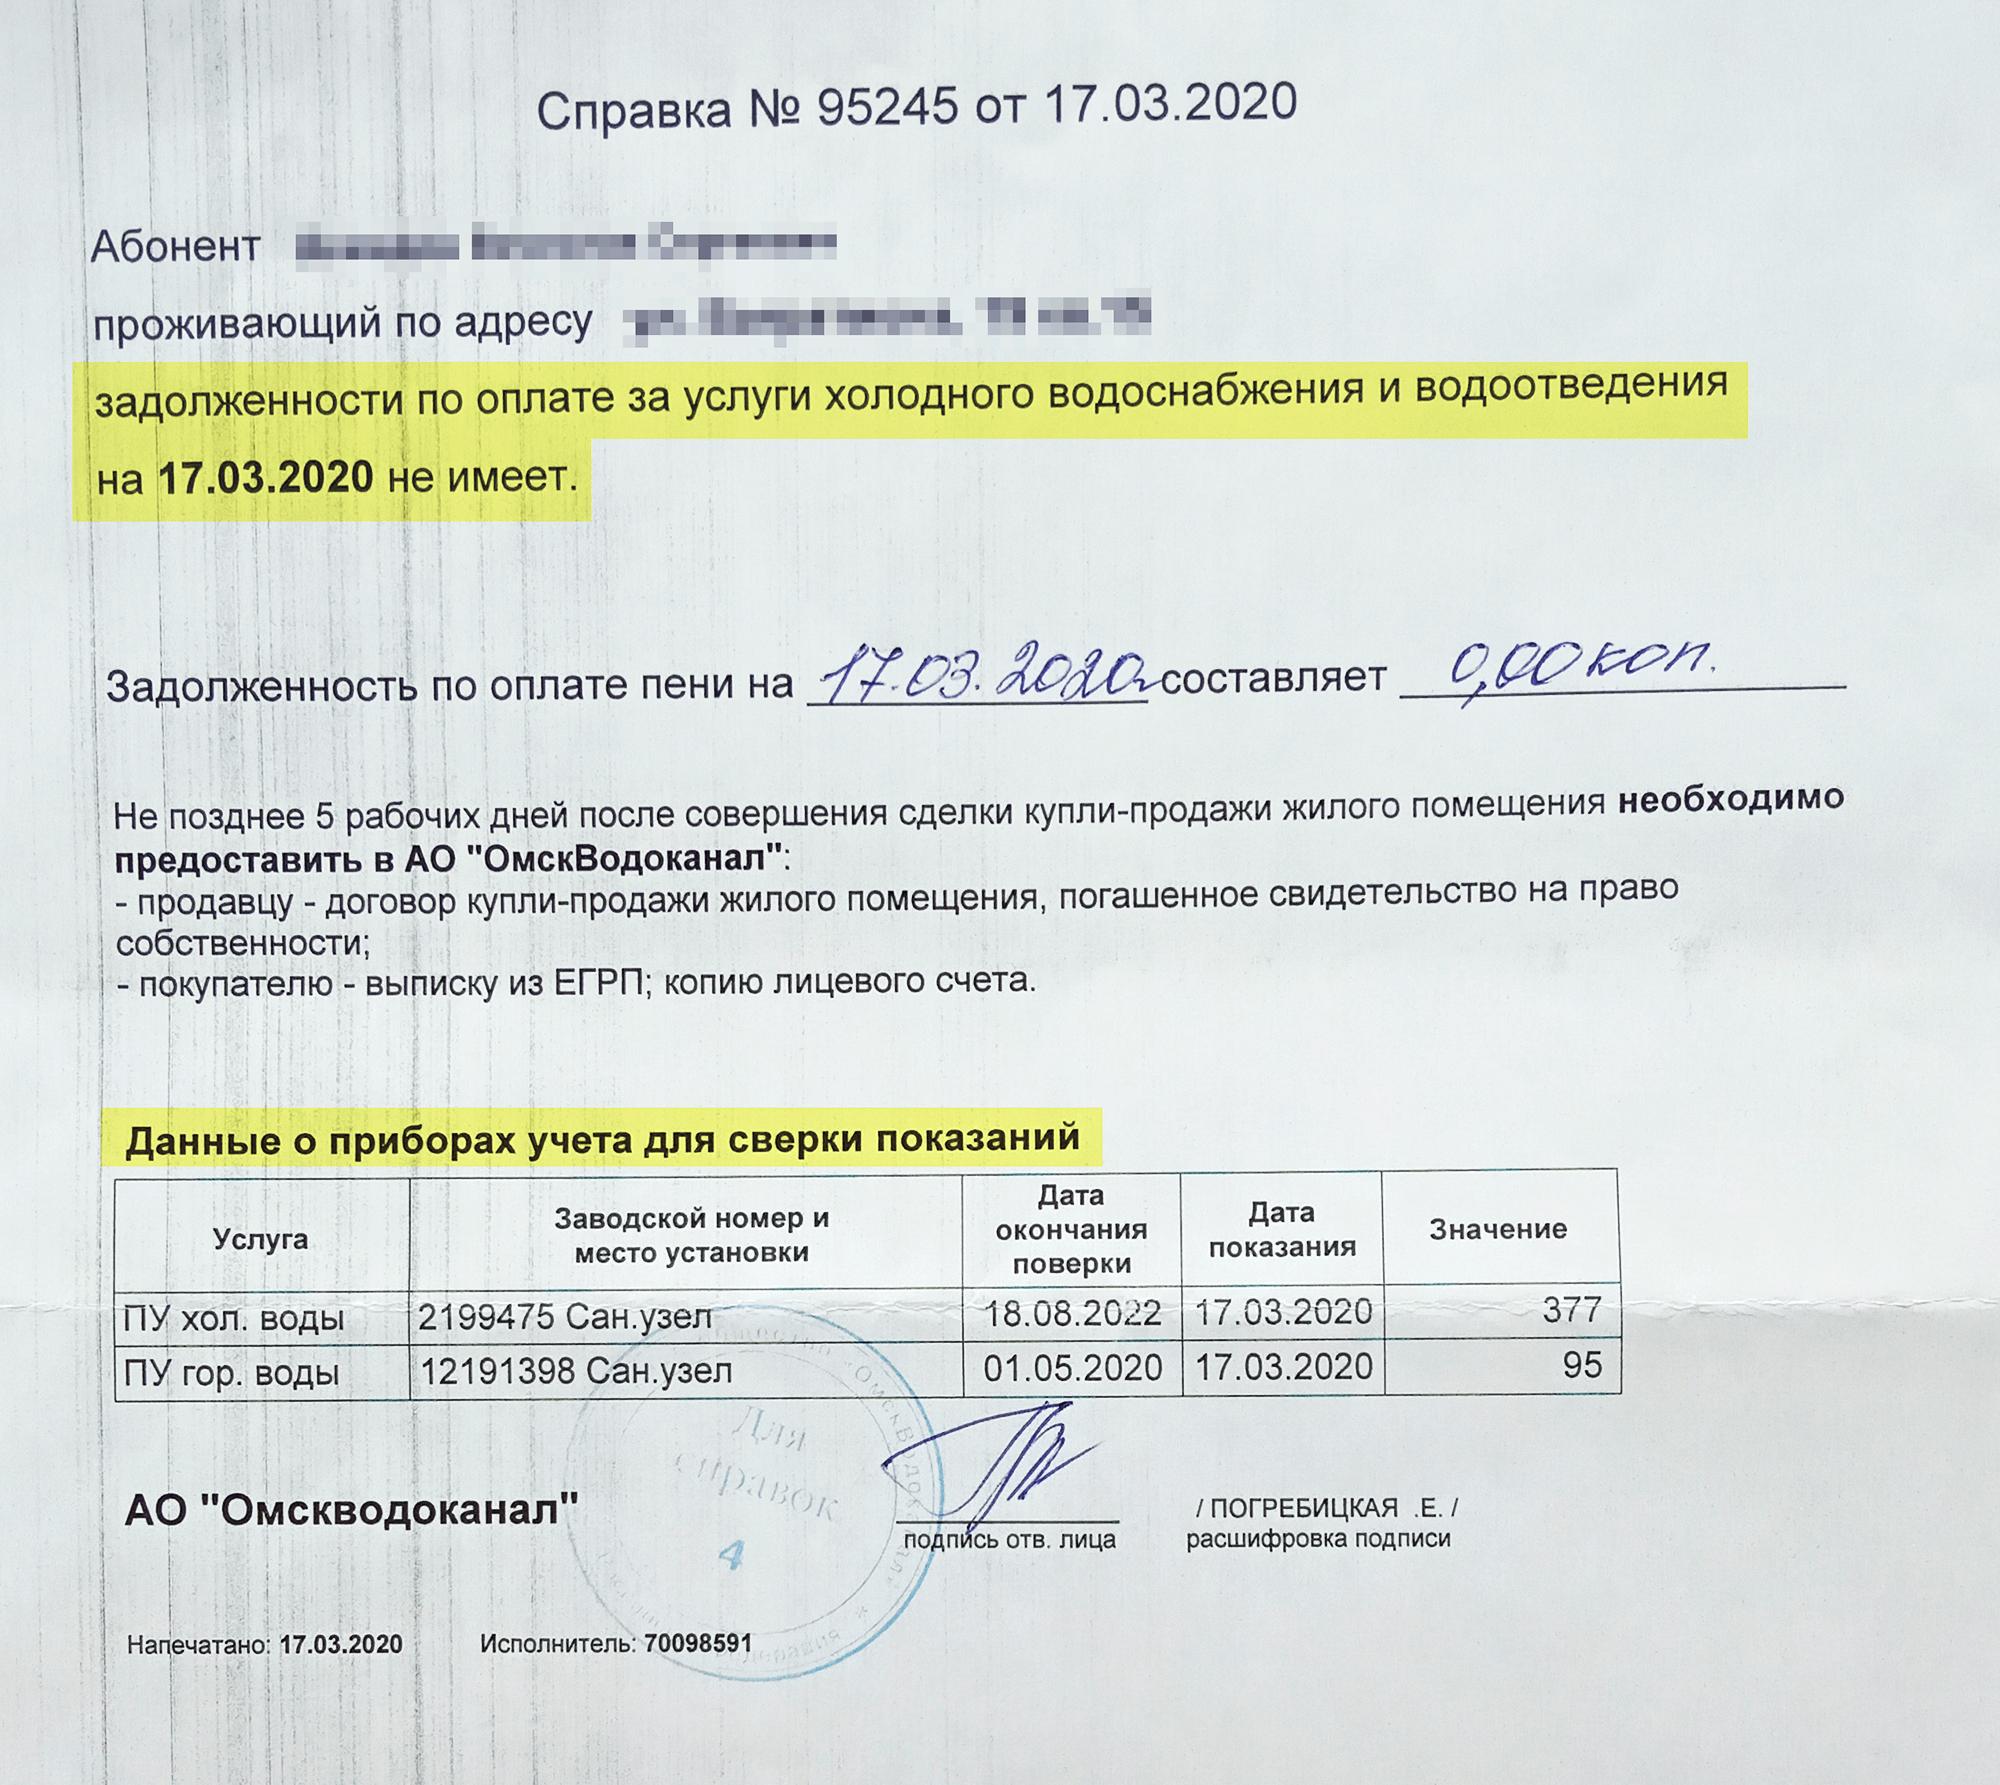 debt tuning 6 3.4hlcebugl8uz - Как узнать есть ли долги по коммуналке